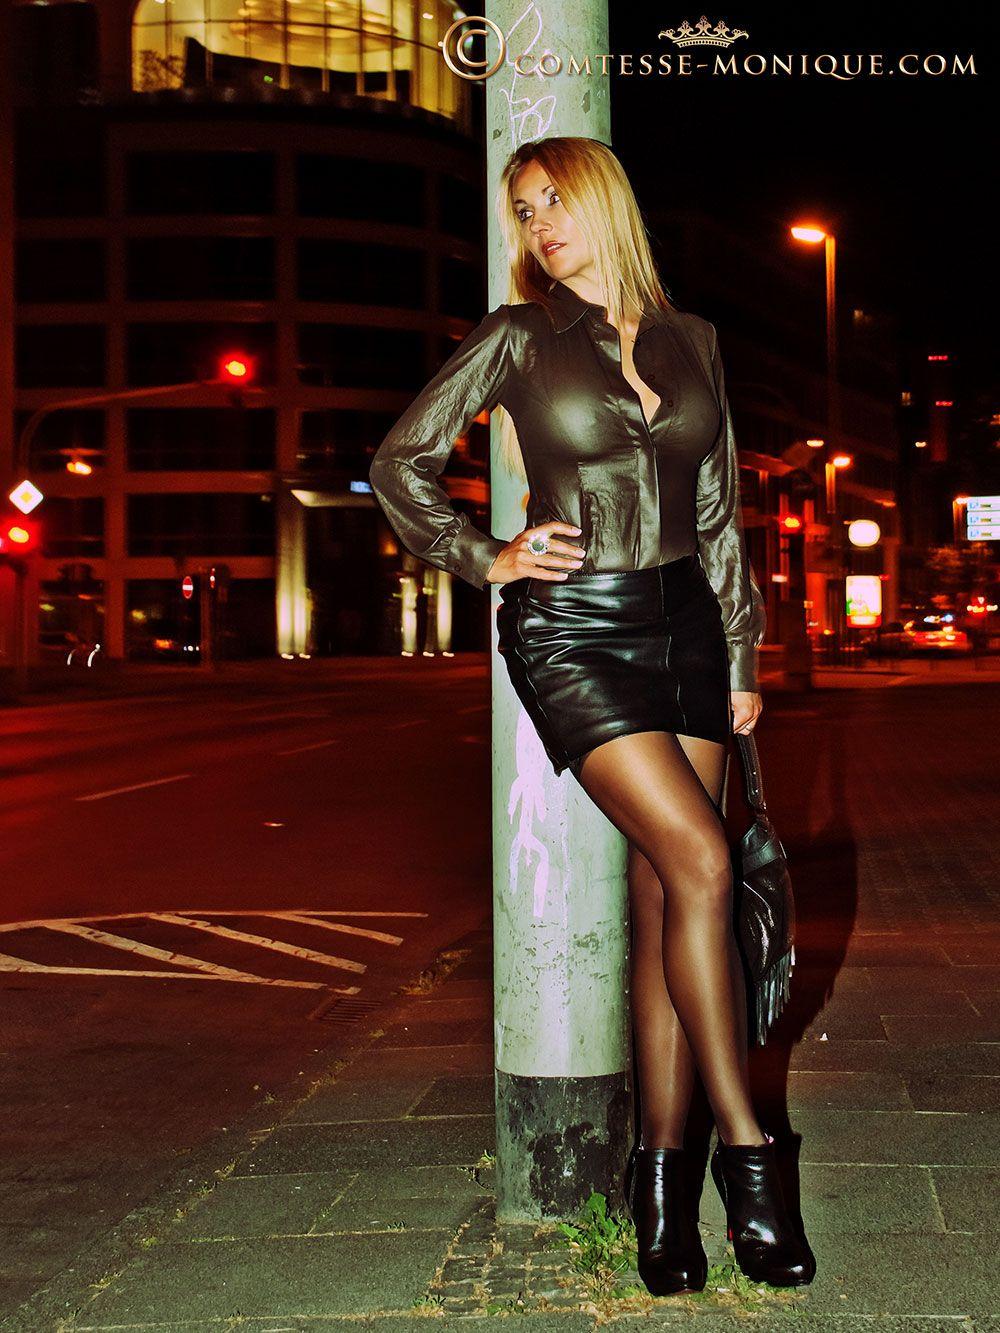 COMTESSE MONIQUE Glamour Model — Comtesse Monique ...